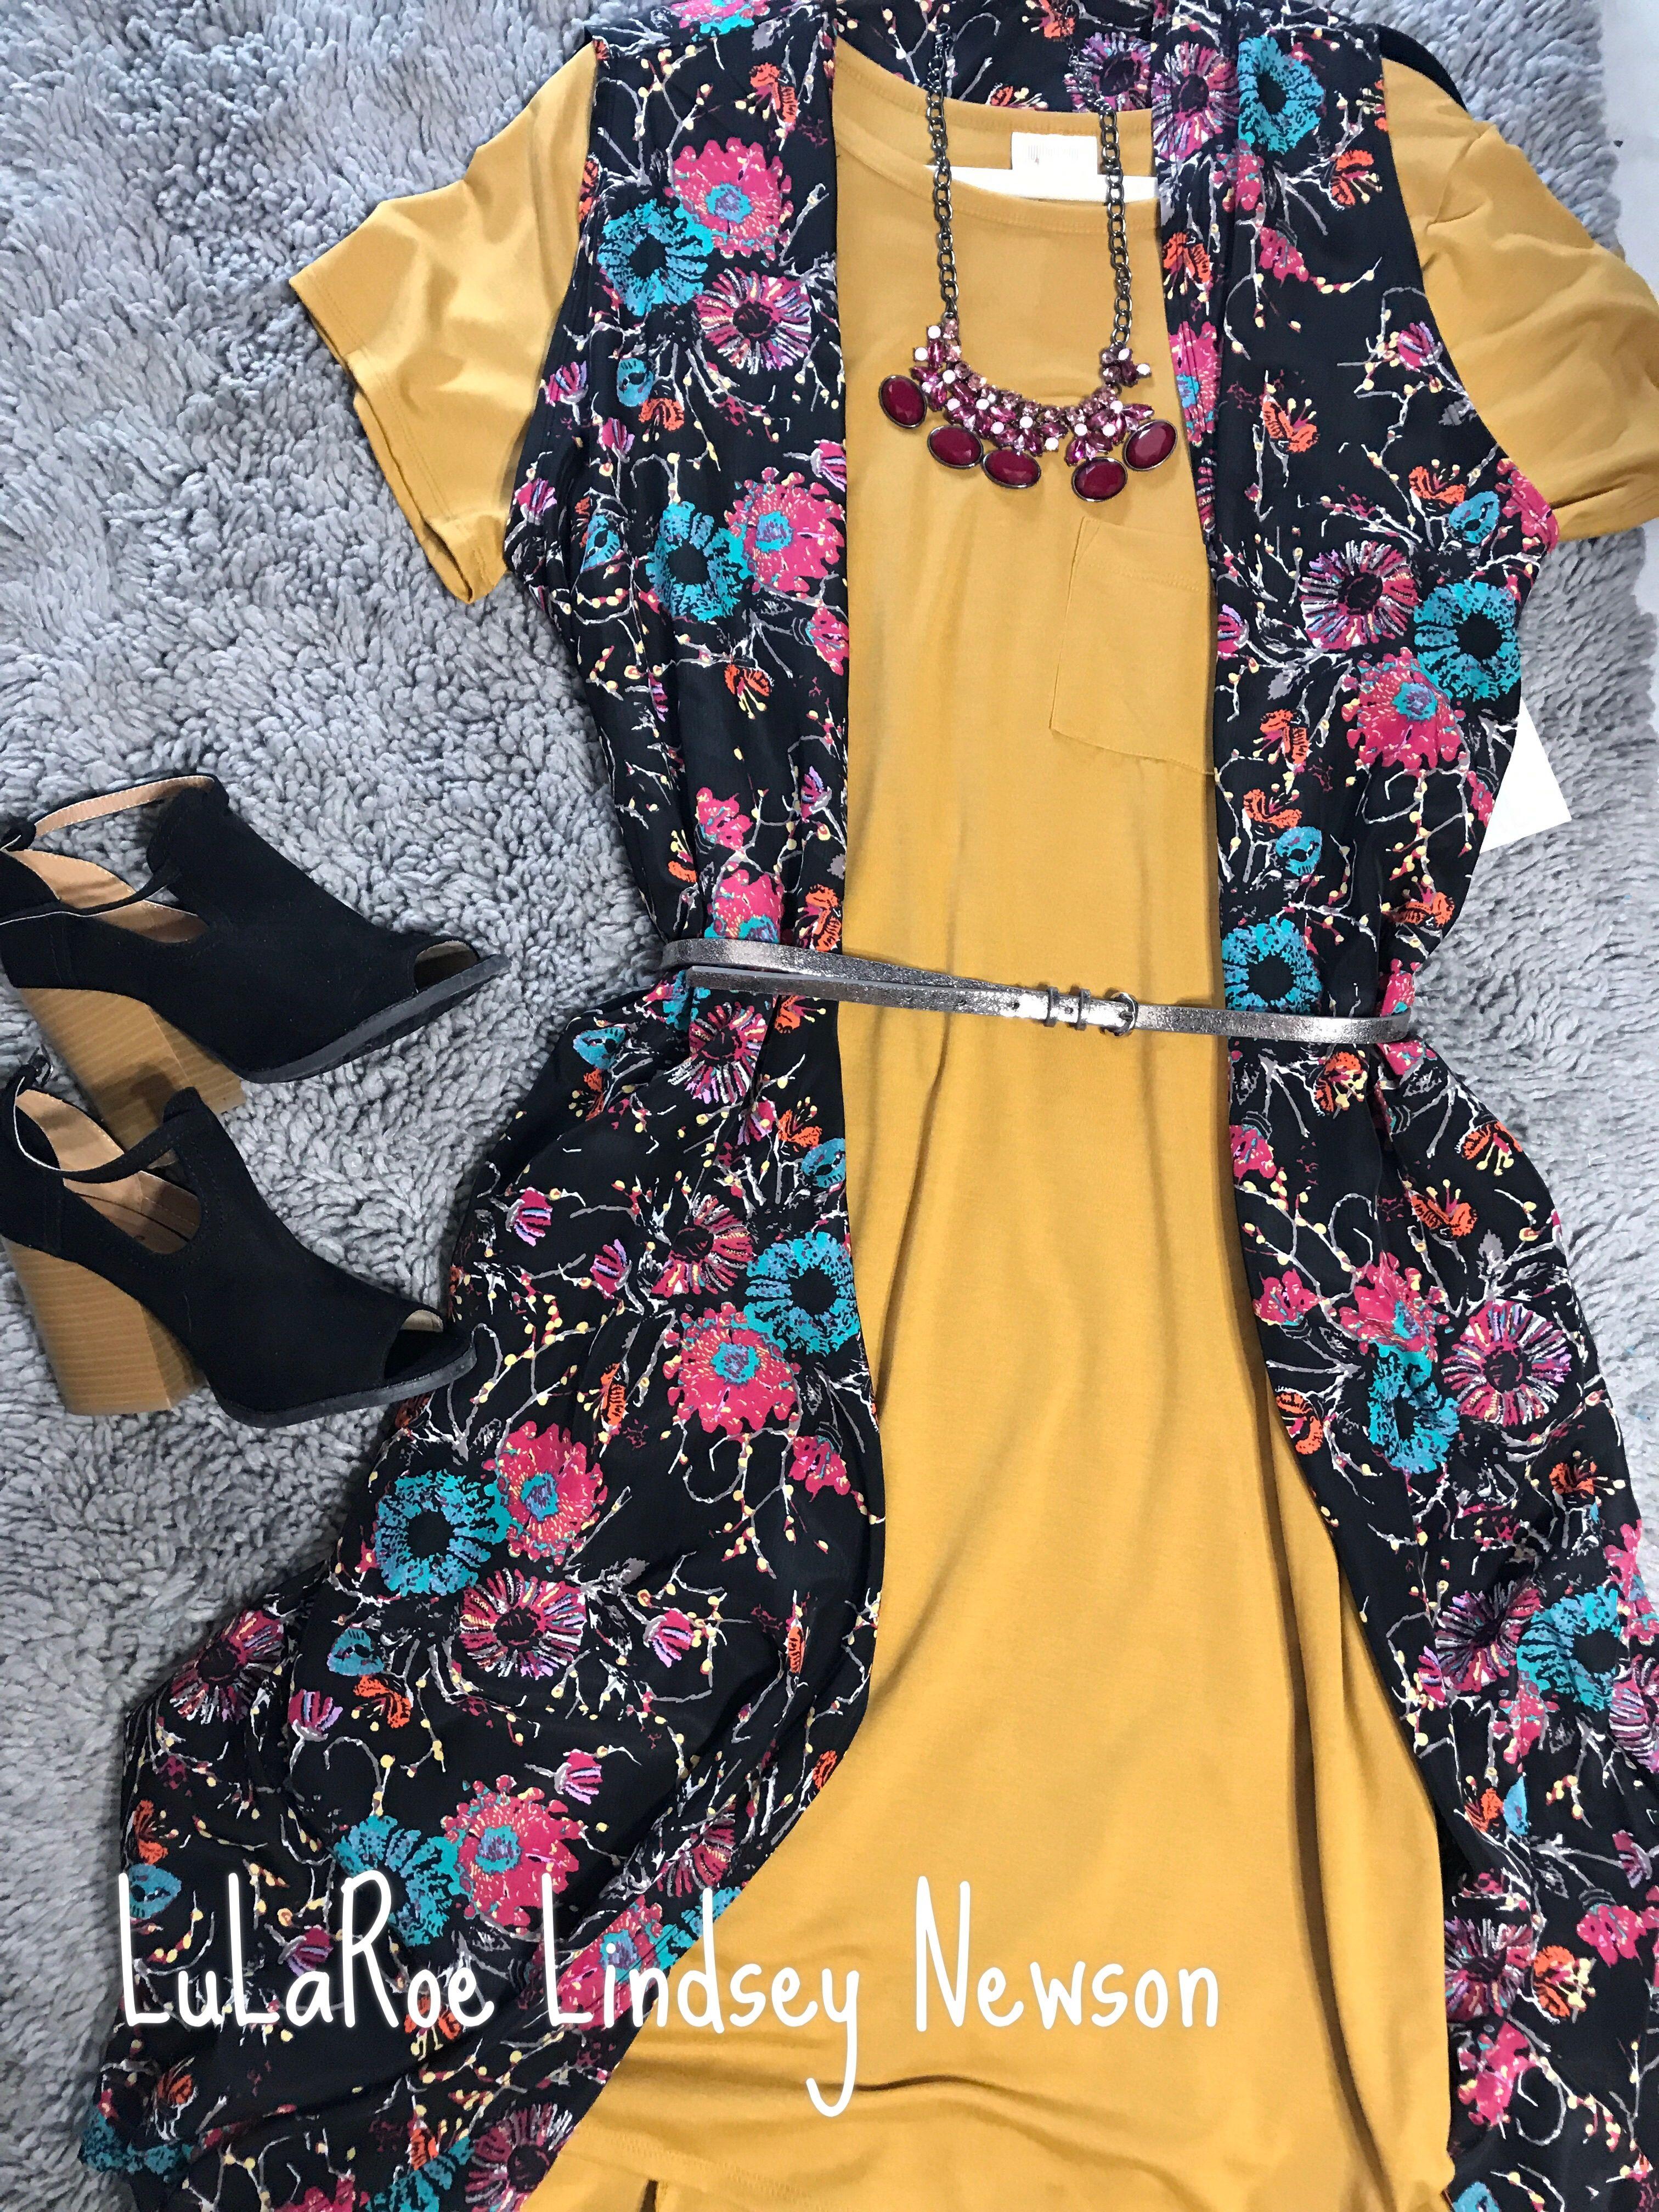 fdfd9986 LuLaRoe Carly Swing Dress. LuLaRoe Joy Vest. Mustard. Swing Dress. Florals.  Vest Cardigan.